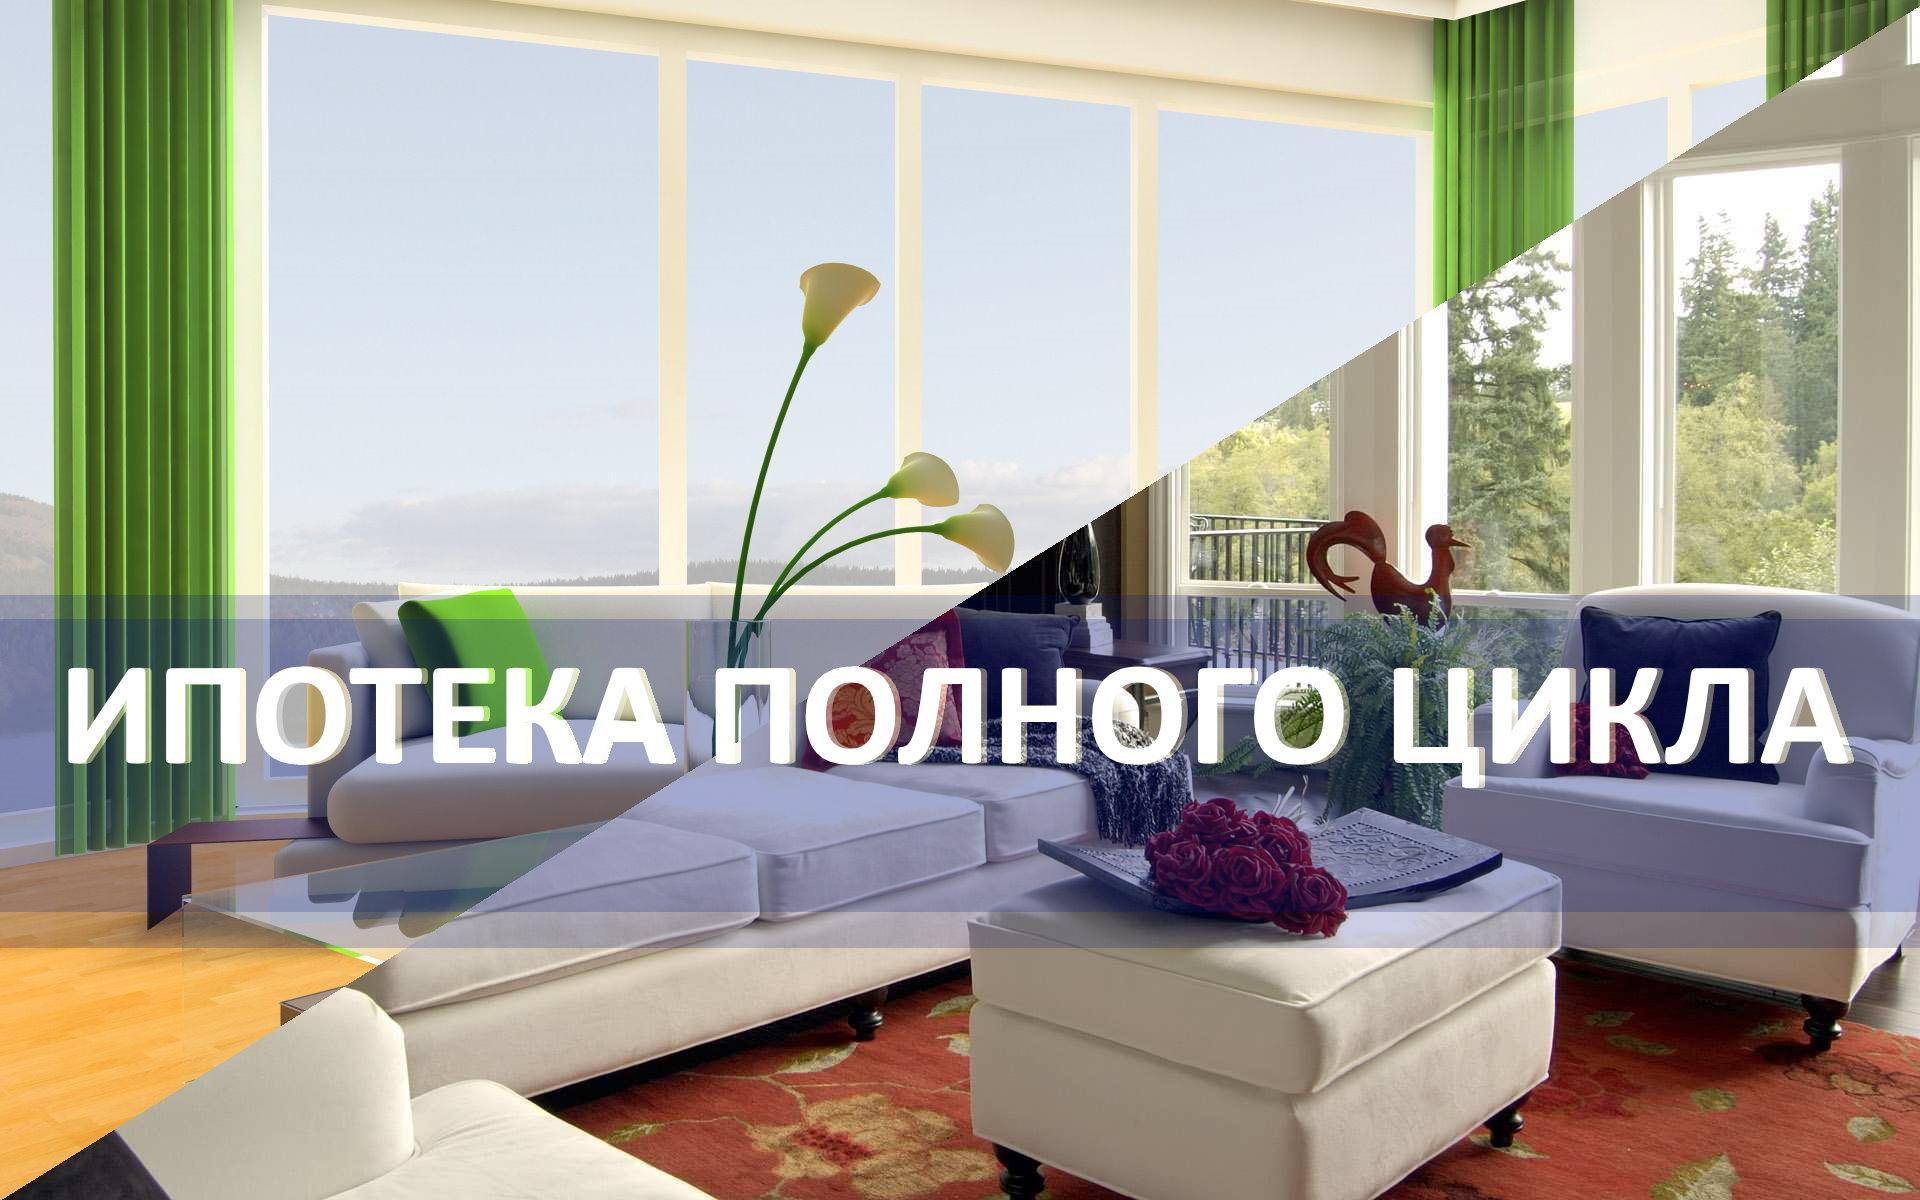 Ипотека банка «Сбербанк»